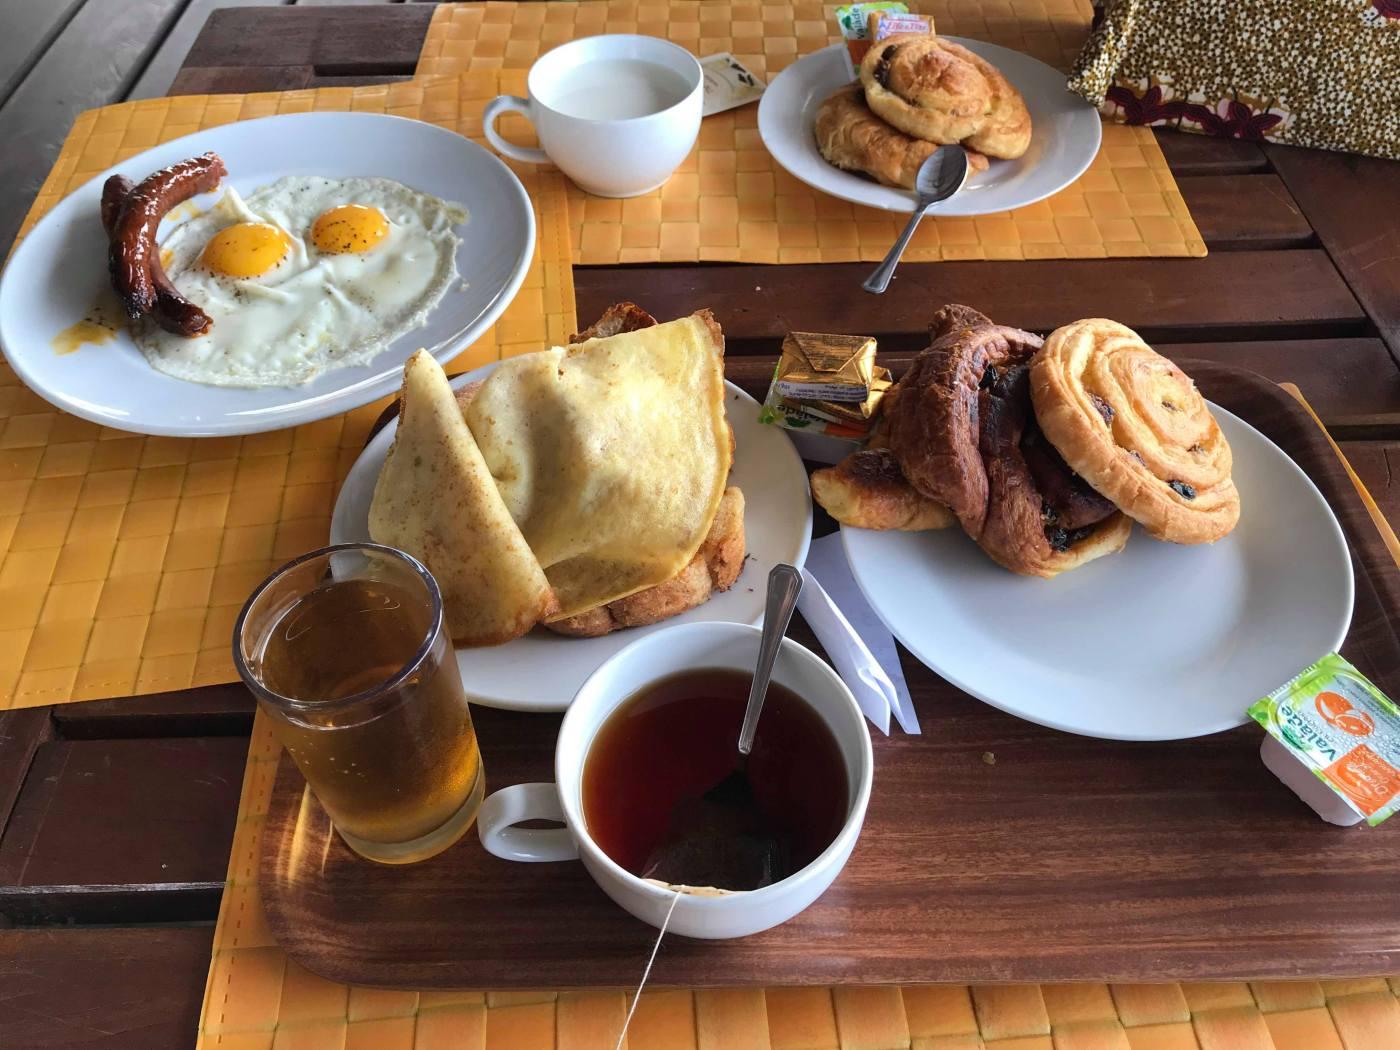 Coucoue Lodge : et si on se contentait du décor ? serial foodie, critique culinaire, critique restaurant, Abidjan, cote d'ivoire, tripadvisor, petit futé, tourisme, tripinafrica, assigne